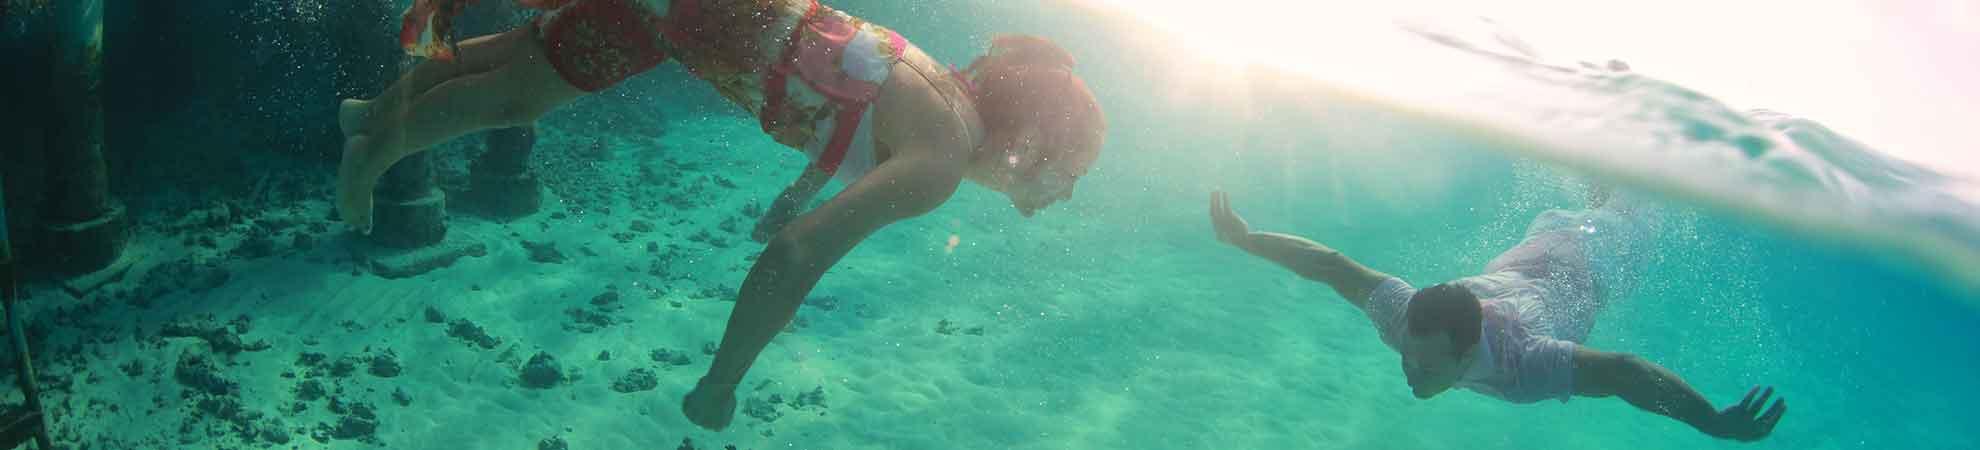 Voyage de noce polynesie